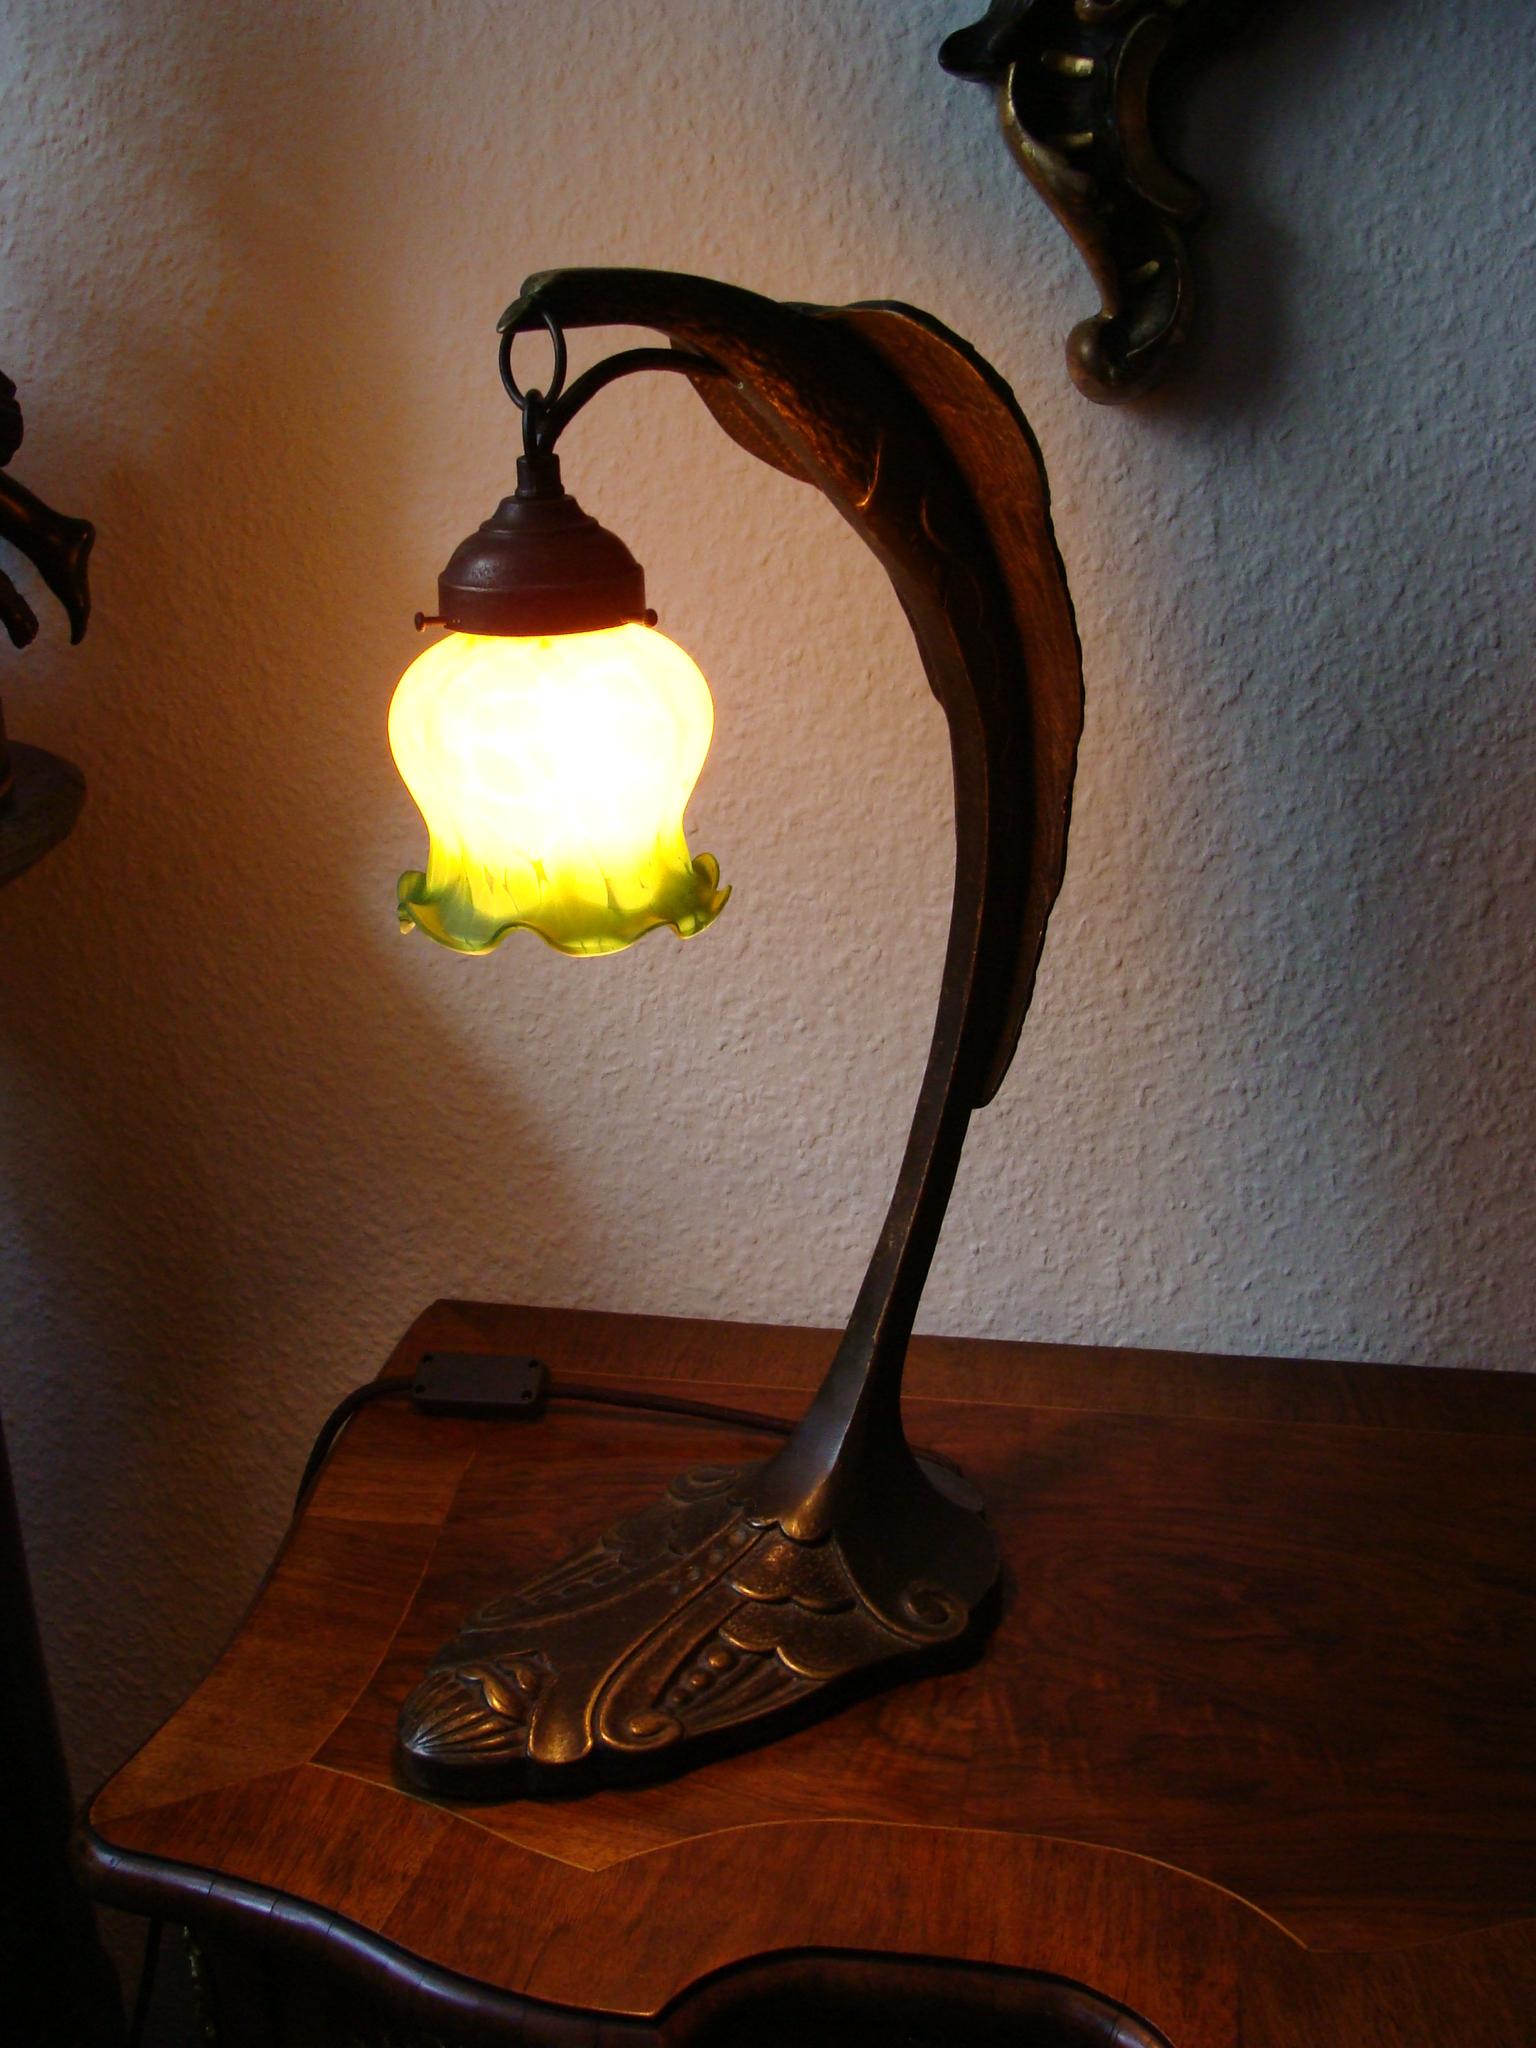 lampe art deco schreibtischlampe bronze massiv adler nach c ranc 50cm jugendstil univers du. Black Bedroom Furniture Sets. Home Design Ideas